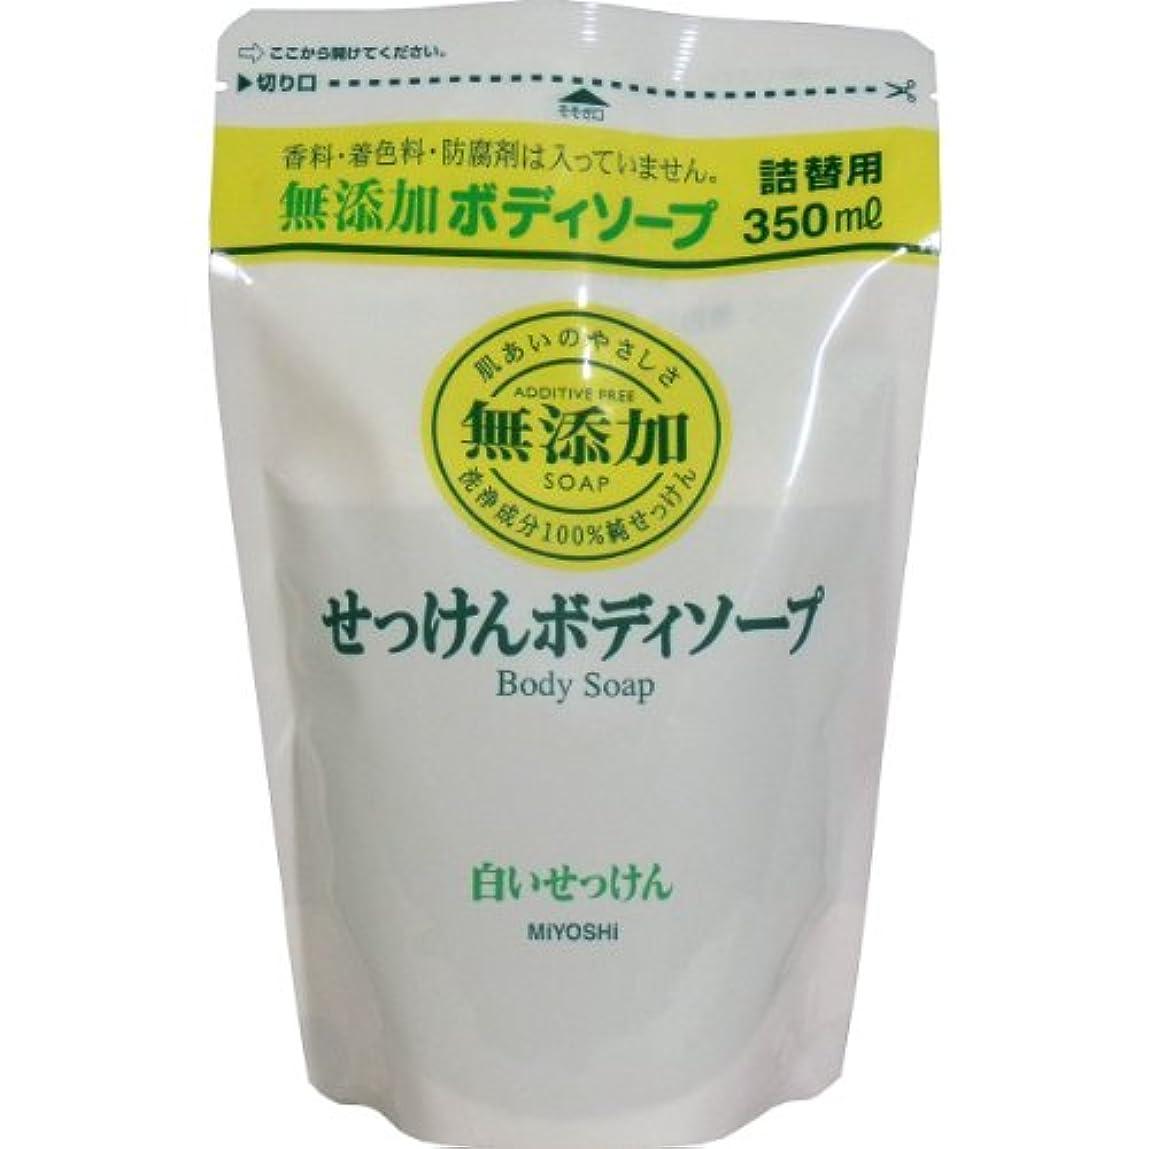 ミヨシ 無添加 ボディソープ 白い石けん つめかえ用 350ml(無添加石鹸) x 10個セット